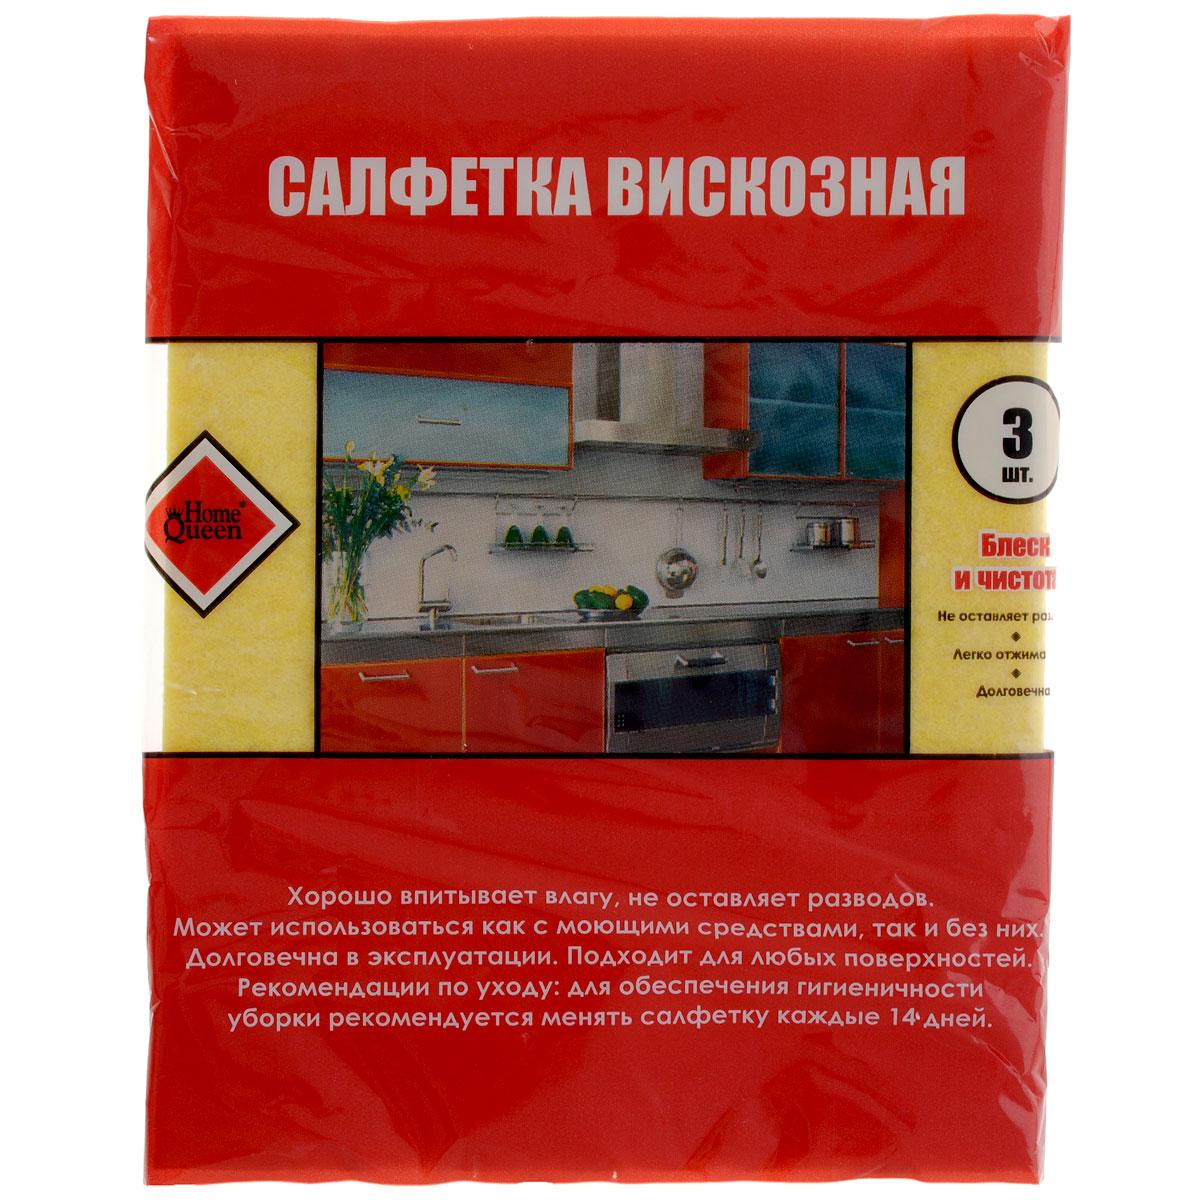 Салфетка для уборки Home Queen, цвет: желтый, 30 см х 38 см, 3 шт531-105Салфетка Home Queen, изготовленная из 65 % вискозы и 35 % полиэстера, предназначена для очищения загрязнений на любых поверхностях. Изделие обладает высокой износоустойчивостью и рассчитано на многократное использование, легко моется в теплой воде с мягкими чистящими средствами. Супервпитывающая салфетка не оставляет разводов и ворсинок, удаляет большинство жирных и маслянистых загрязнений без использования химических средств. Комплектация: 3 шт.